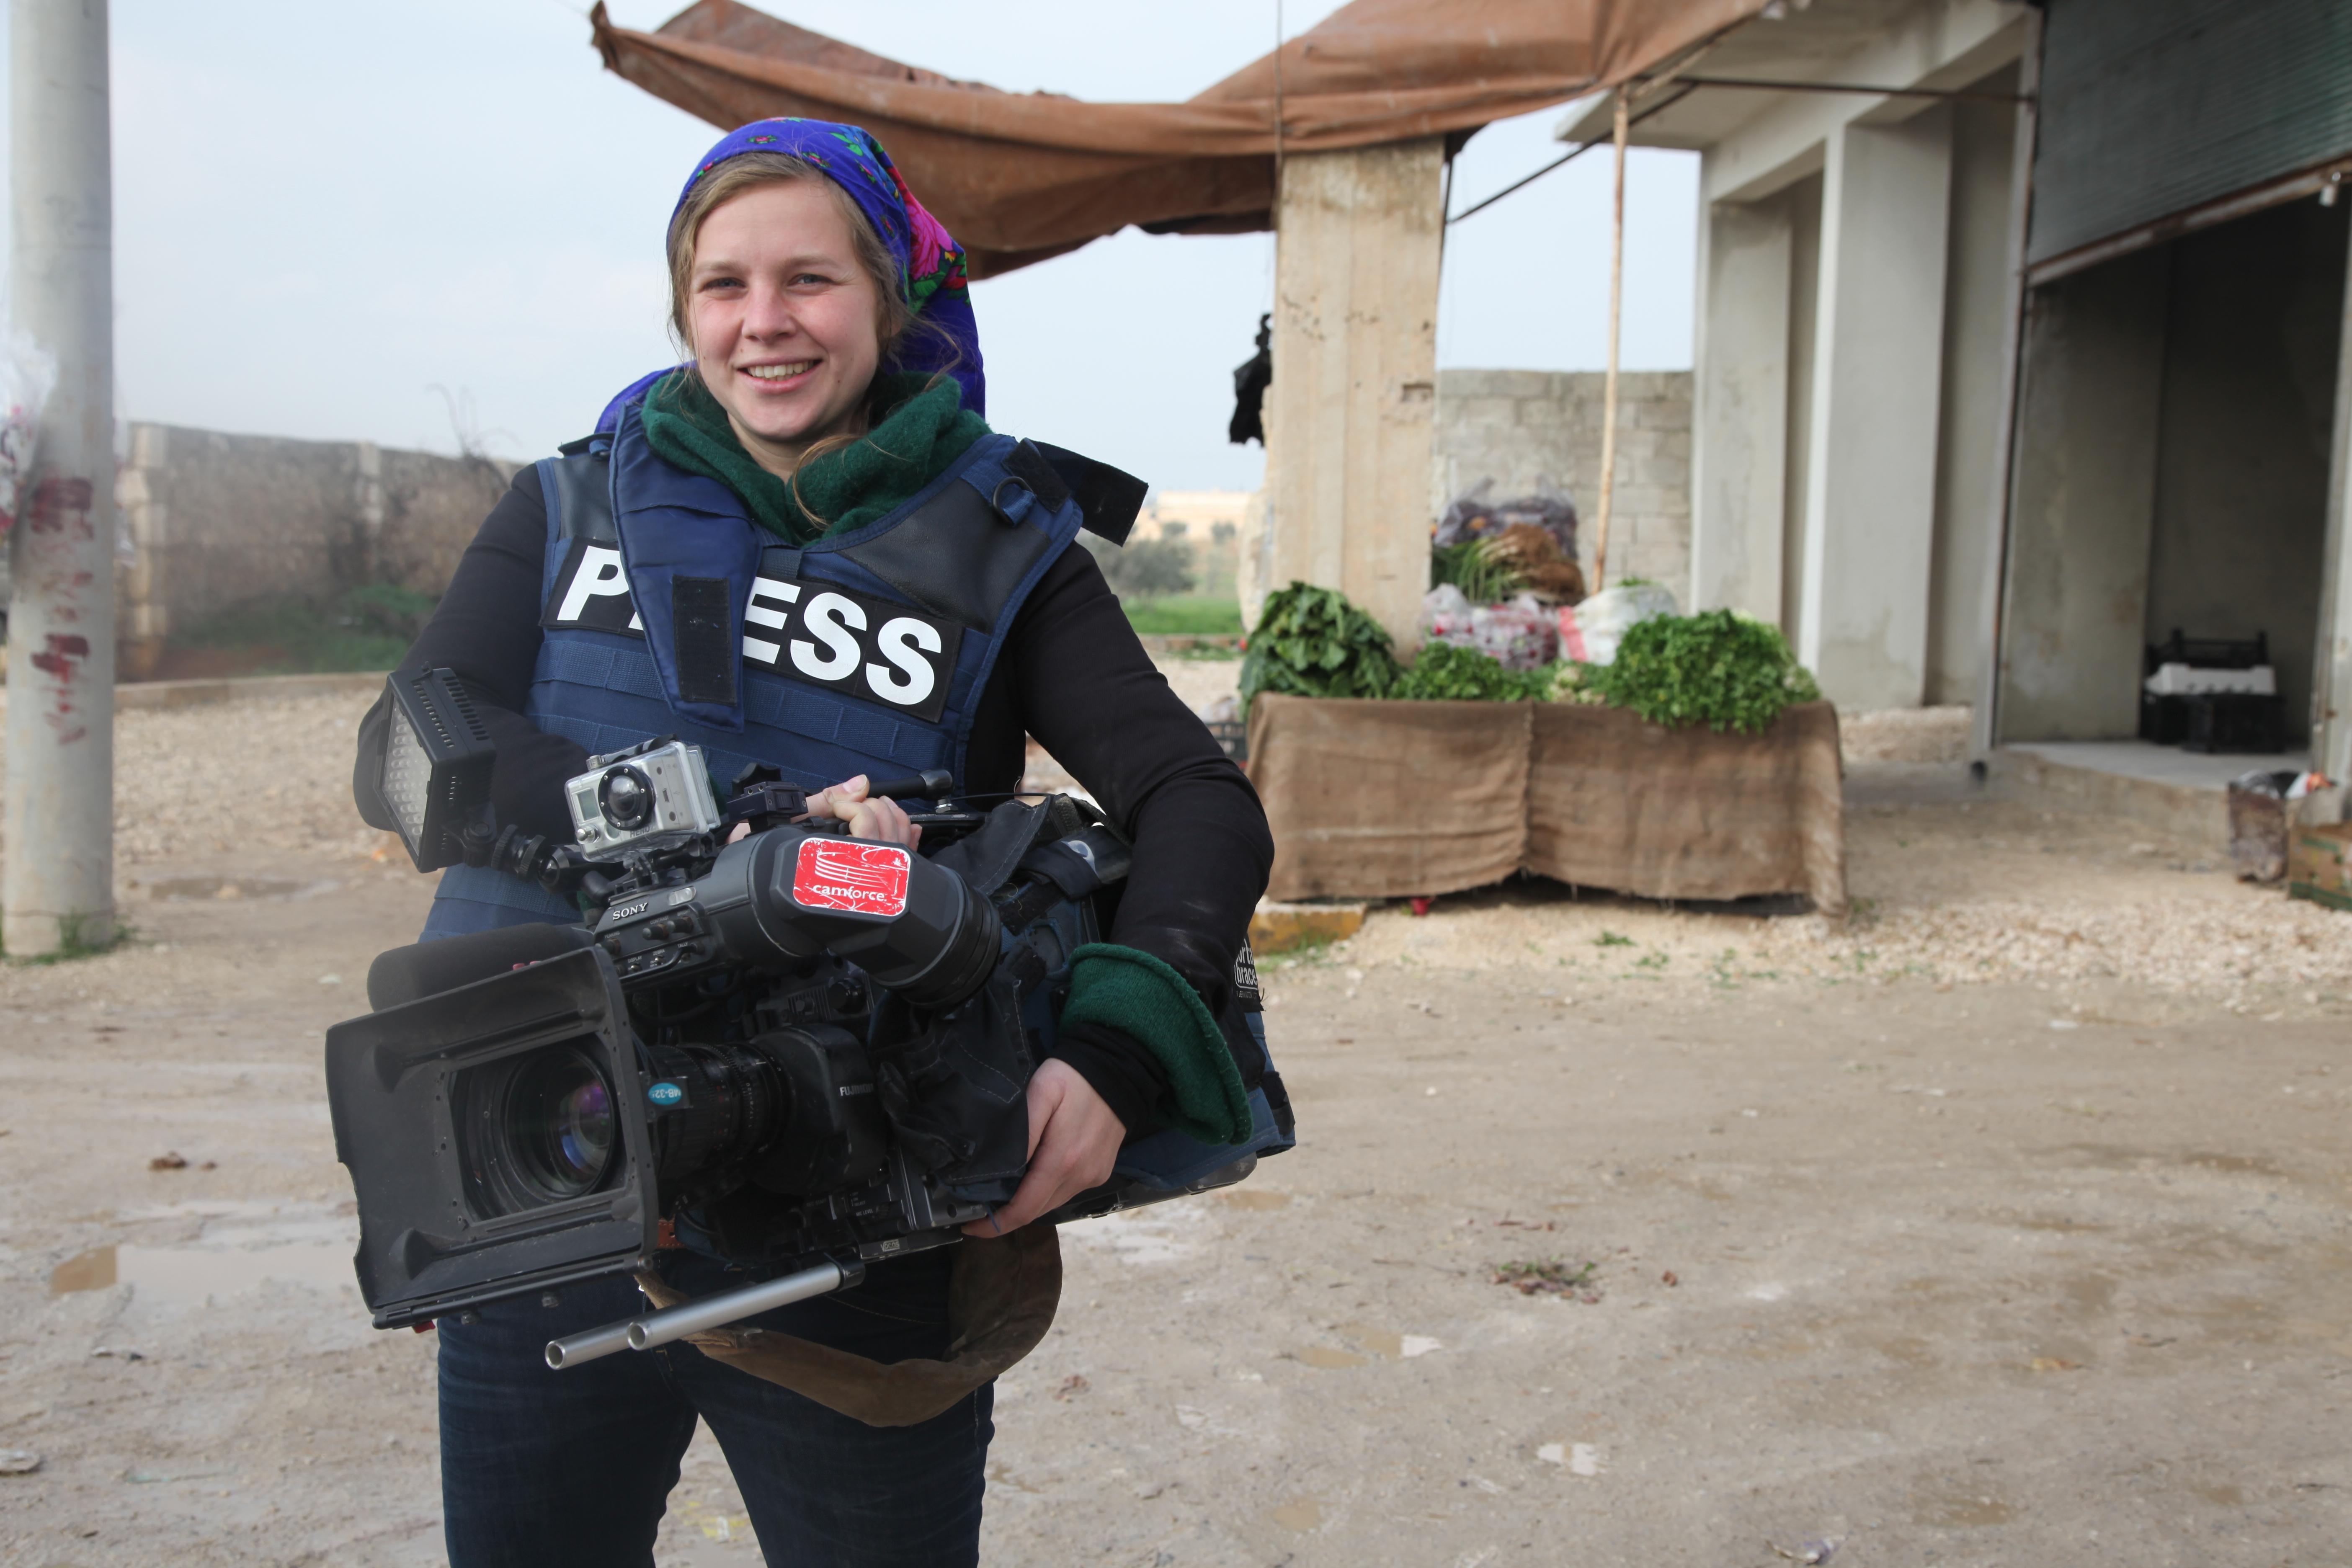 Ruth Vandewalle is een van de vrouwelijke journalisten die regelmatig verslag doet in Syrië. Foto Joris Hentenaar